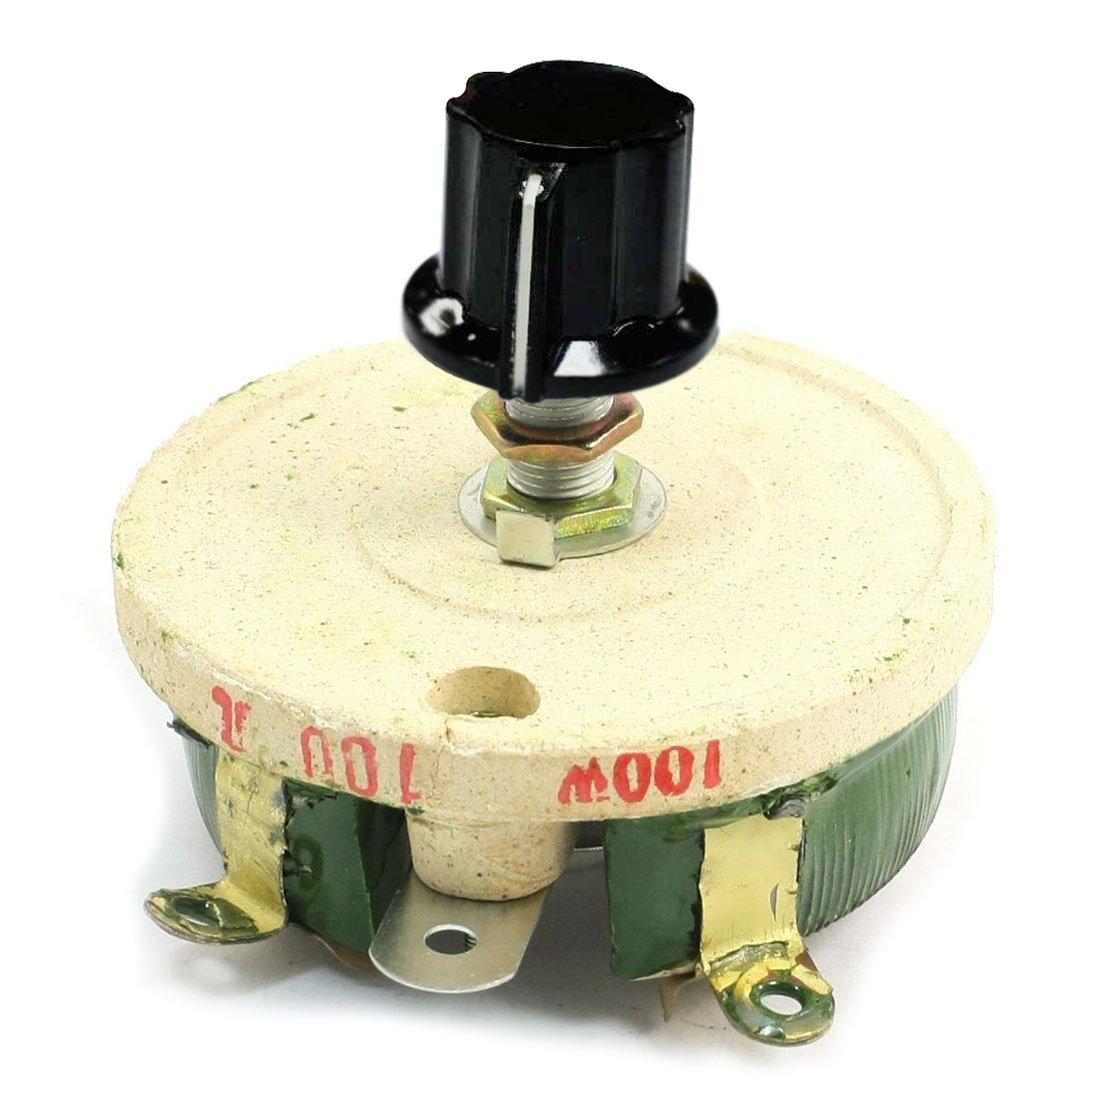 Wirewound Rheostat - SODIAL(R)100W 100 Ohm Ceramic Wirewound Potentiometer Rotary Resistor Rheostat SODIAL (R)